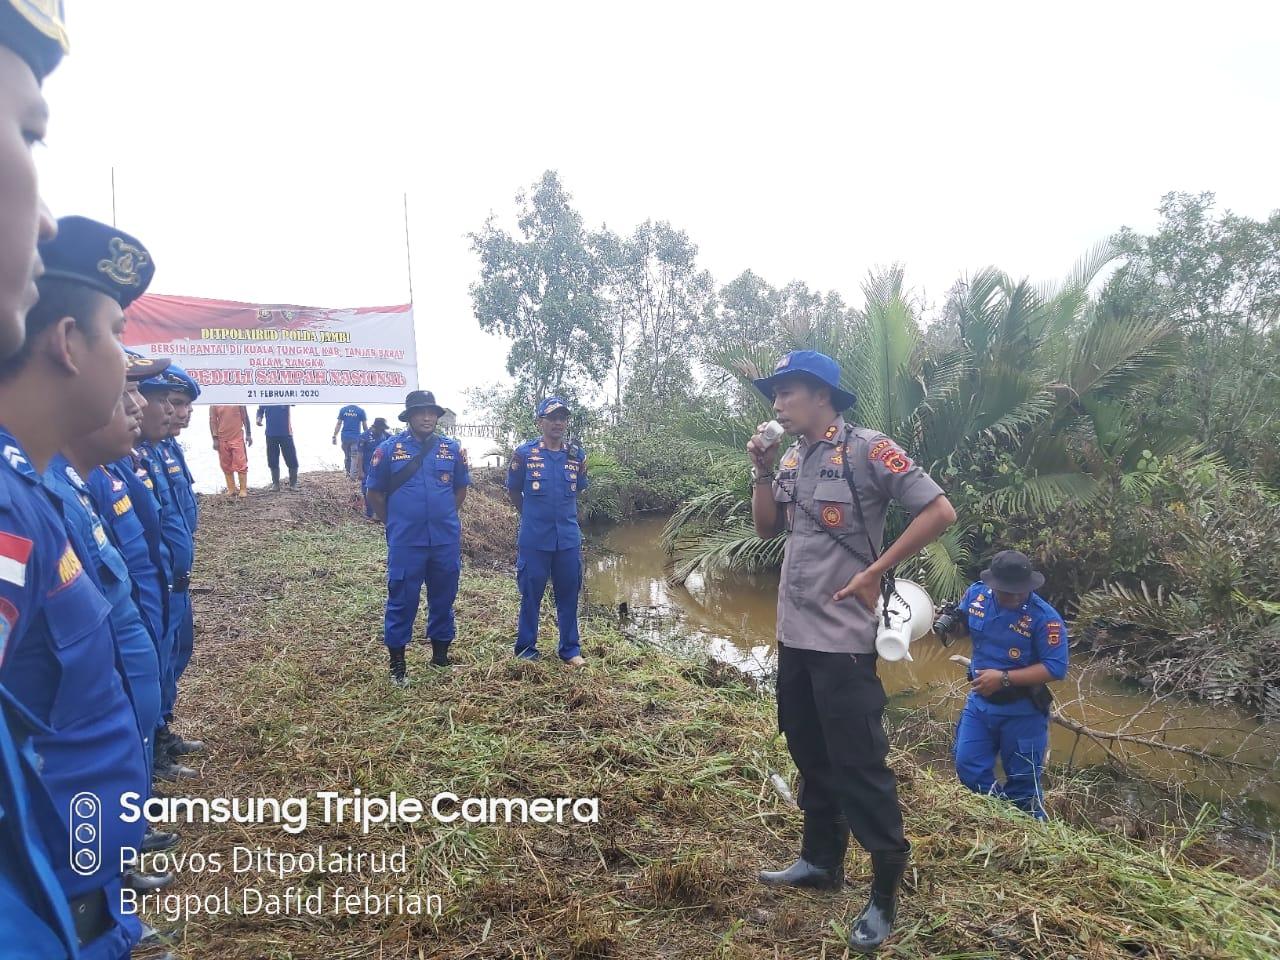 Ini Yang Dilaksanakan Oleh Dirpolairud Polda Jambi Beserta Personil Di Kabupaten Tanjab Barat Dalam Memperingati Hari Peduli Sampah Nasional